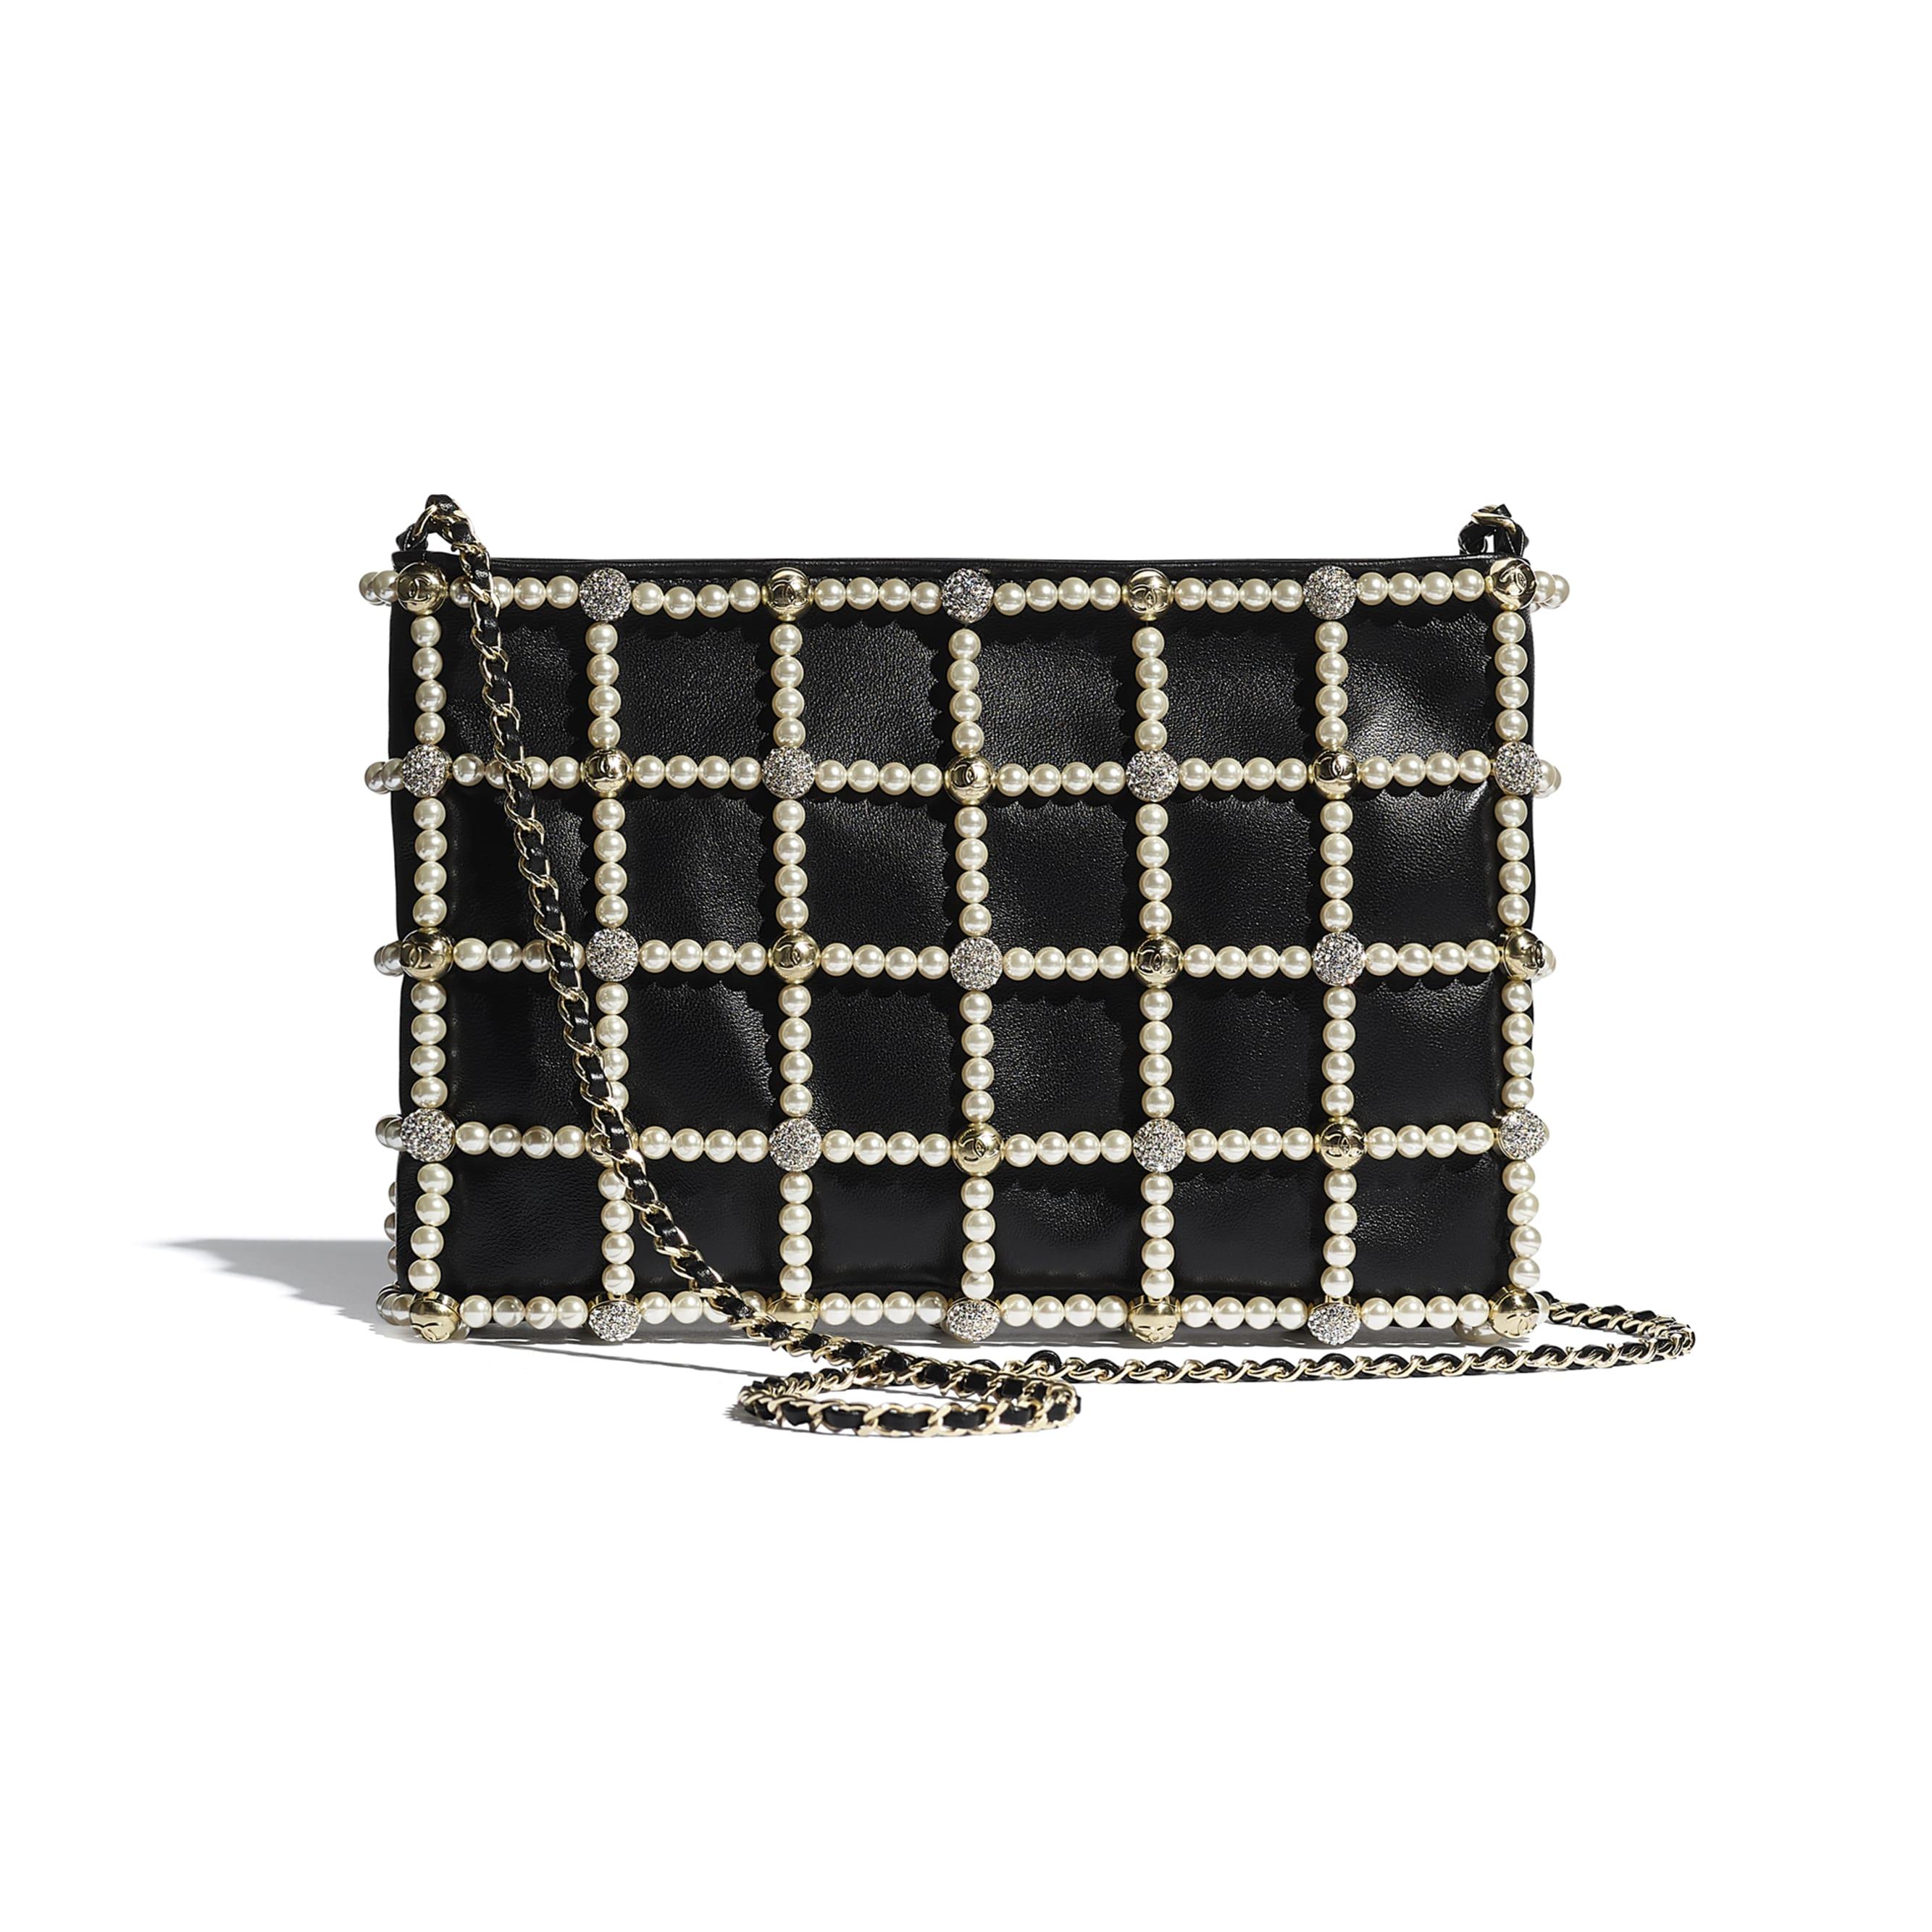 Pochette - Nero - Pelle di agnello, pelle, perle in pasta di vetro, strass & metallo effetto dorato - CHANEL - Immagine predefinita - vedere versione standard